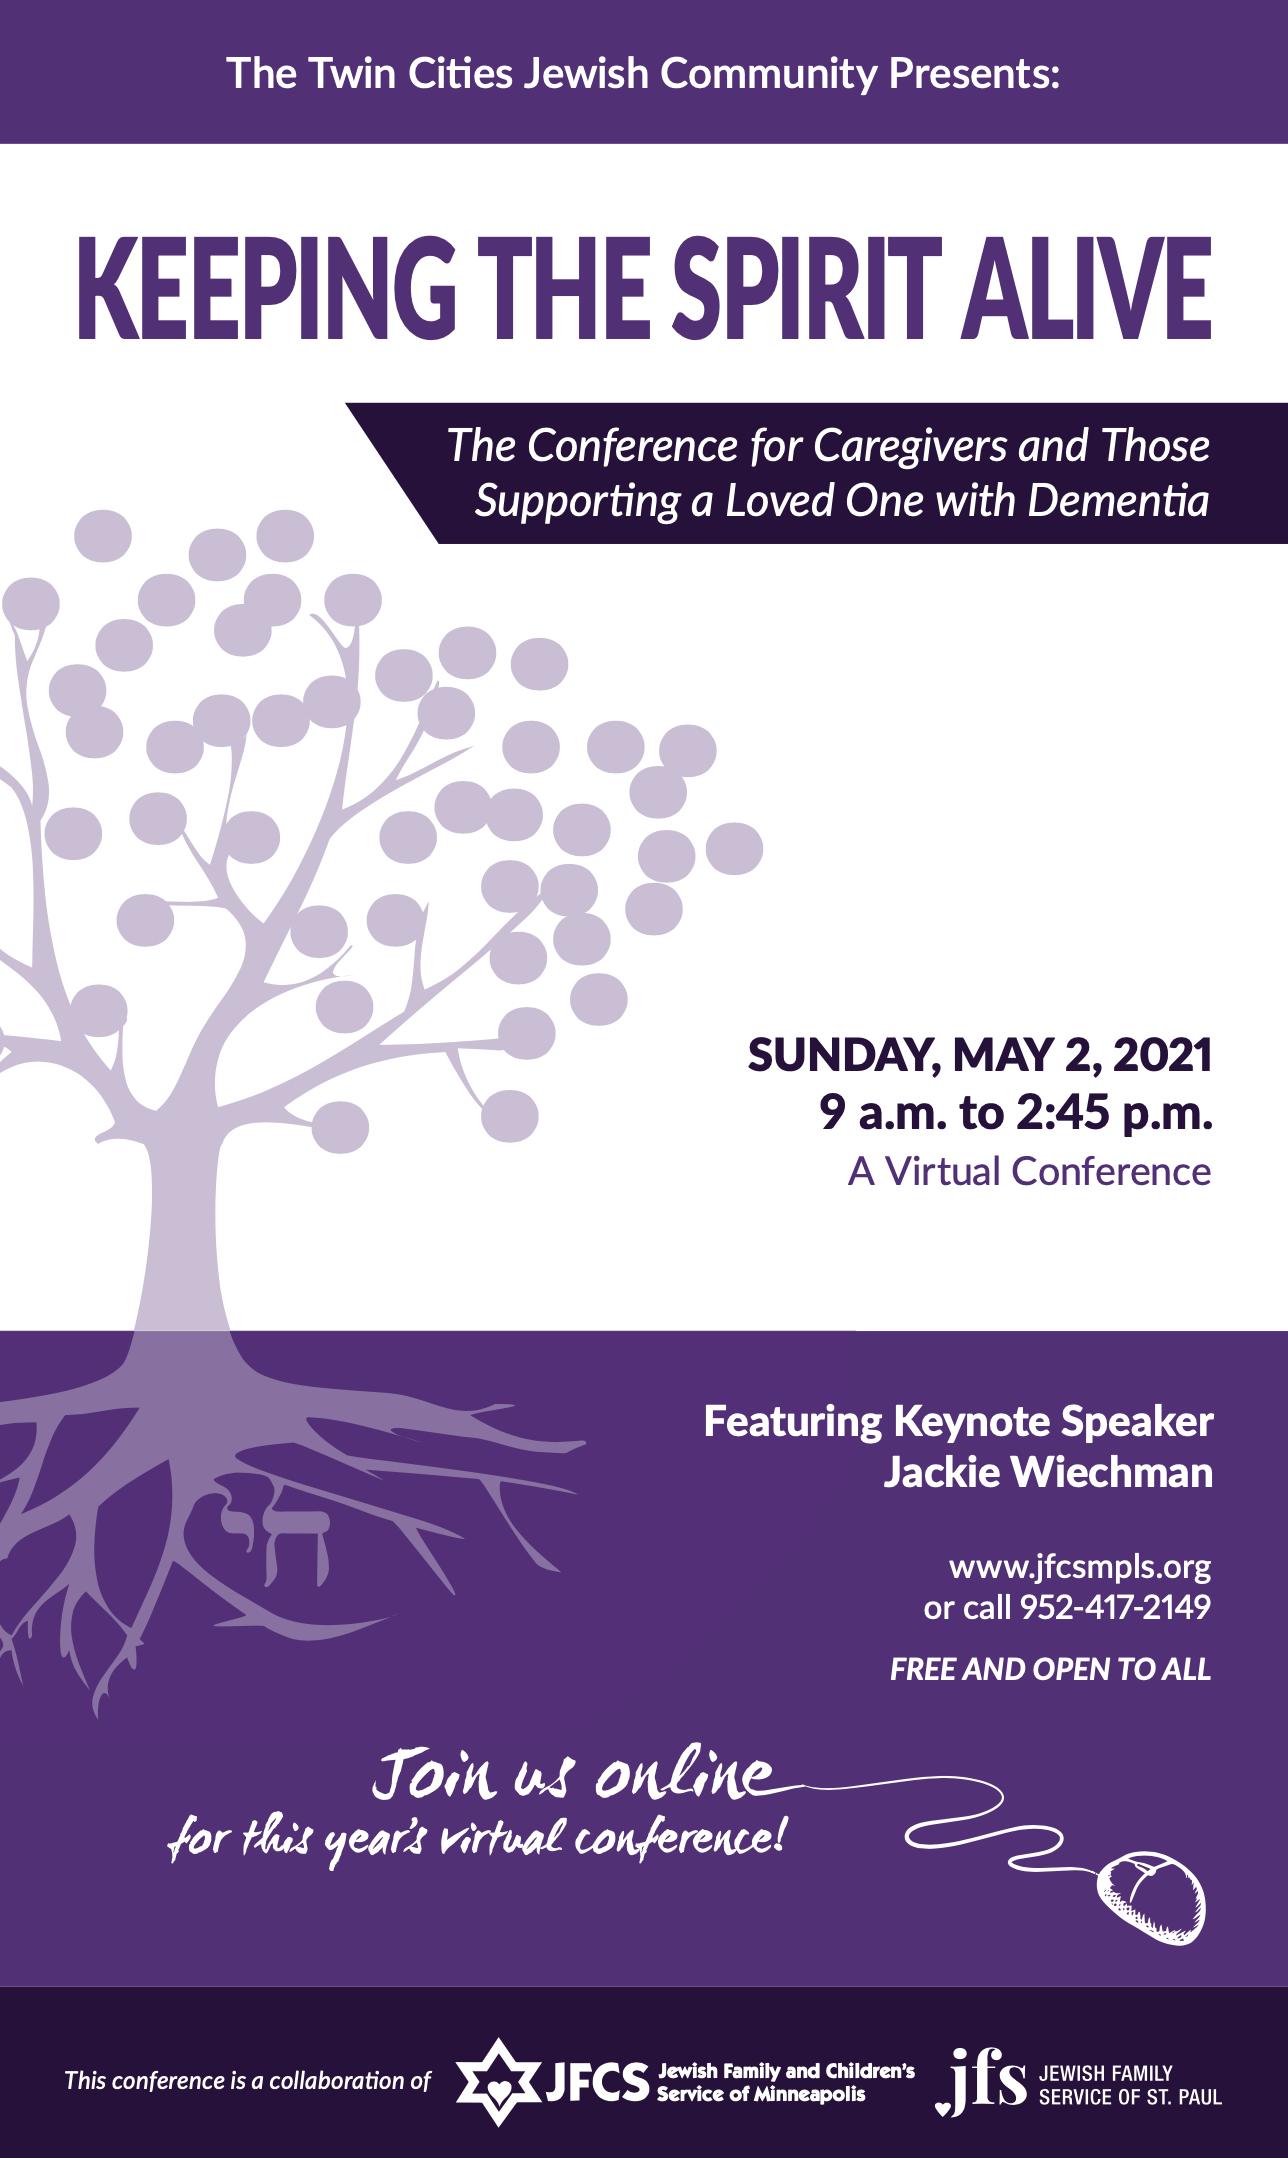 Keeping the Spirit Alive Caregiver conference